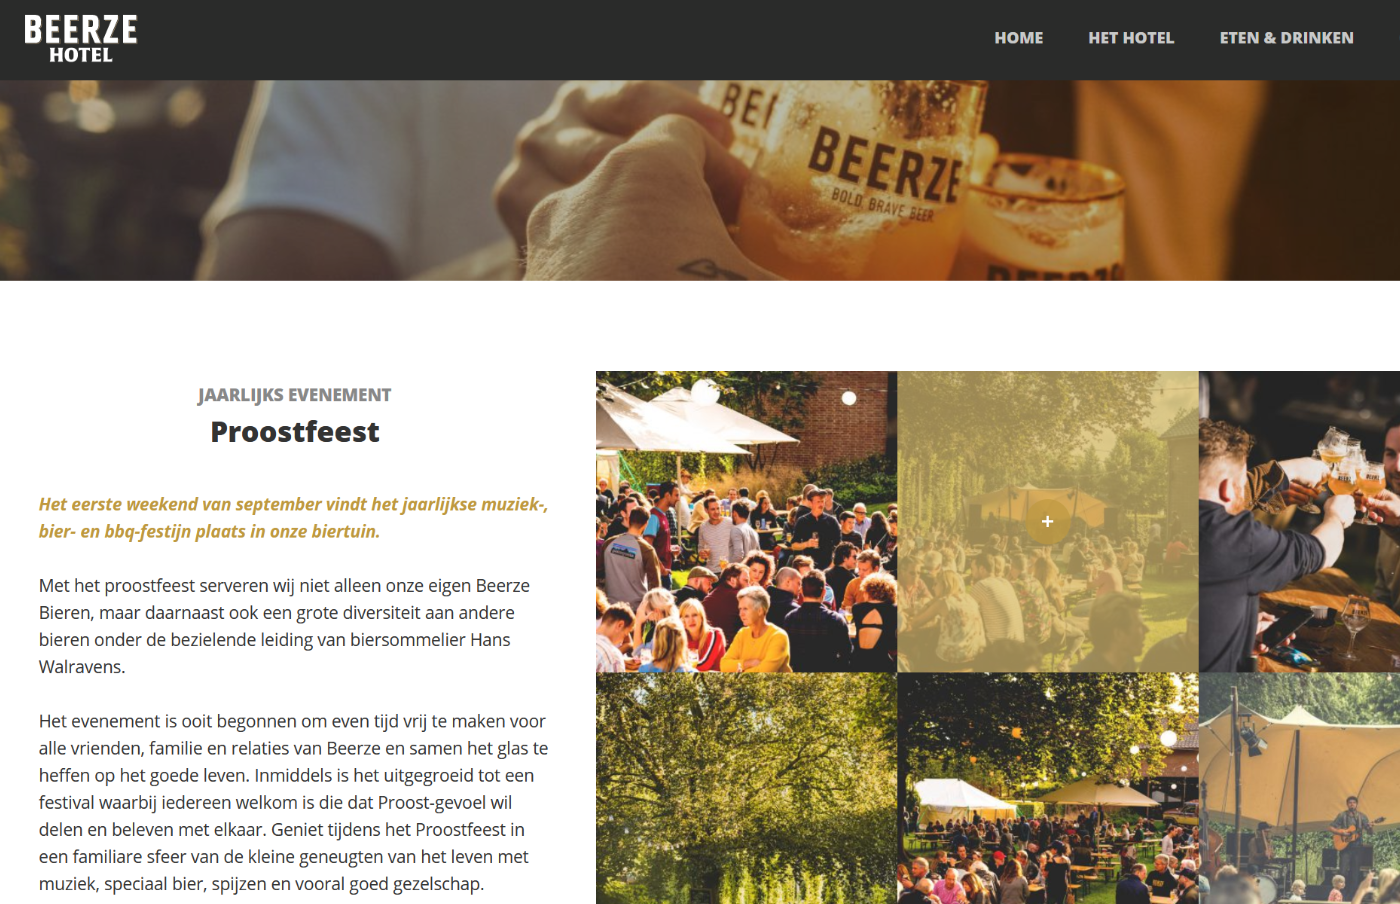 Beerze-Hotel-website